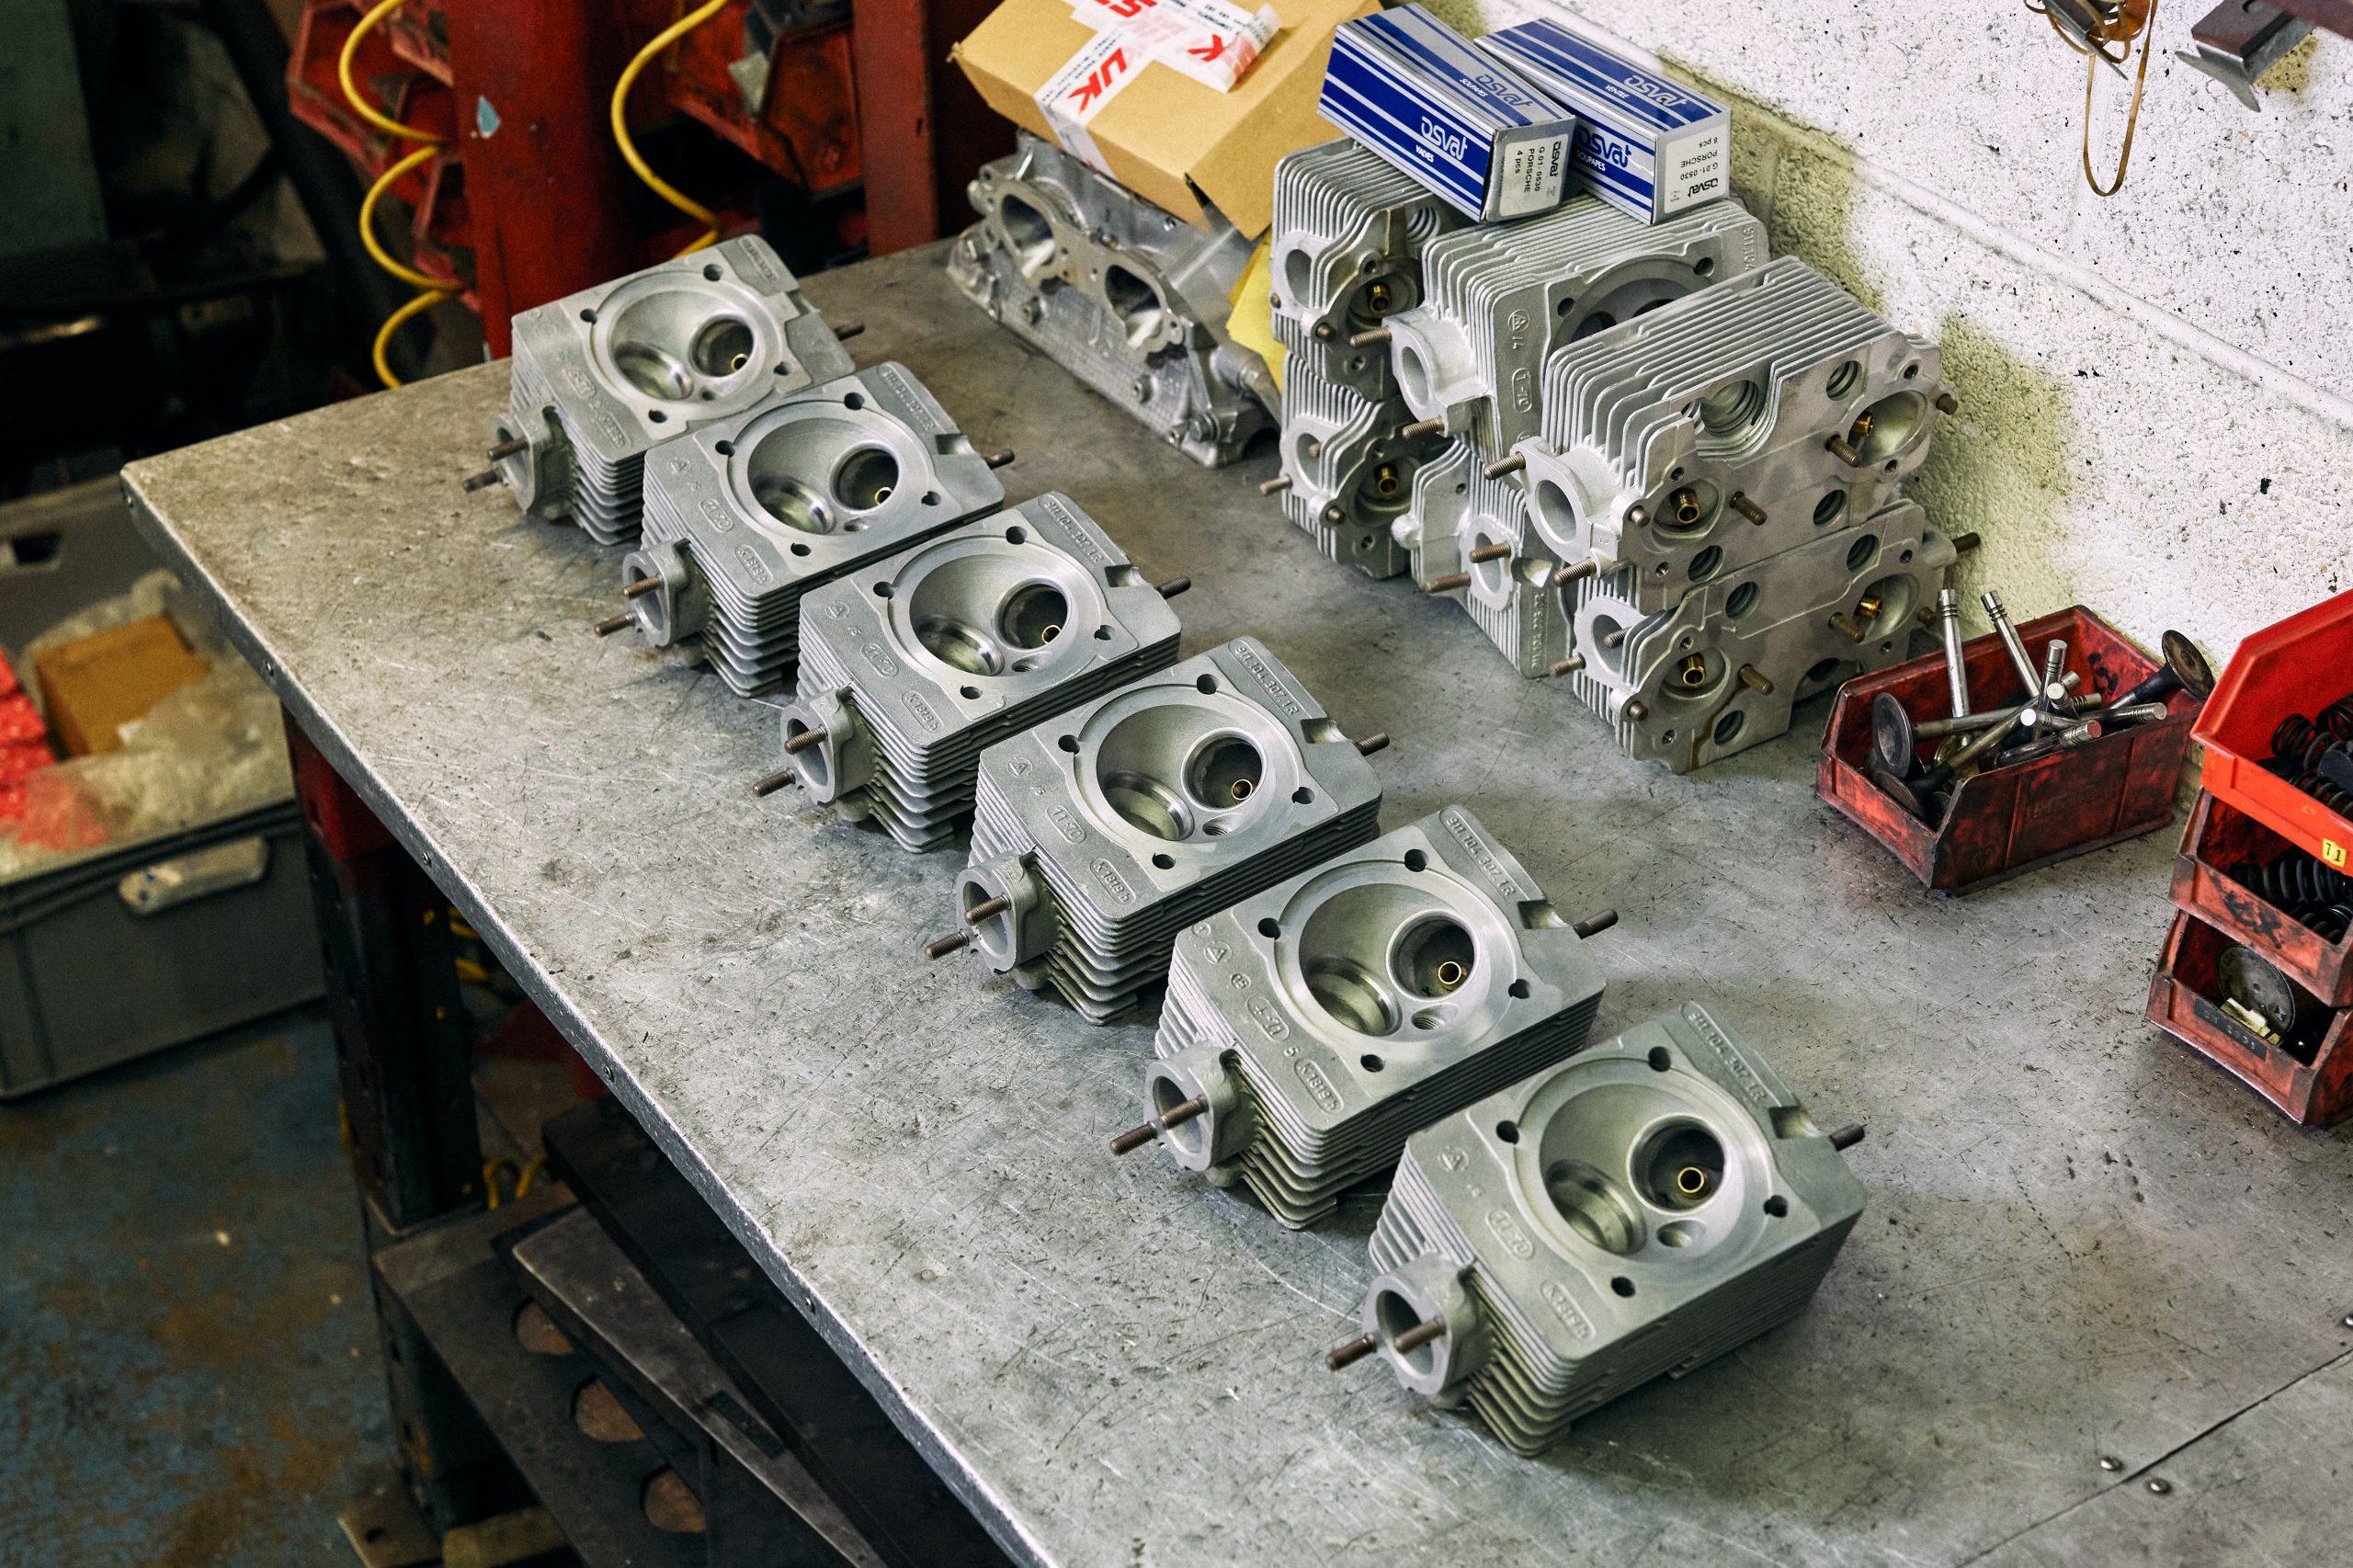 Porsche performance engines